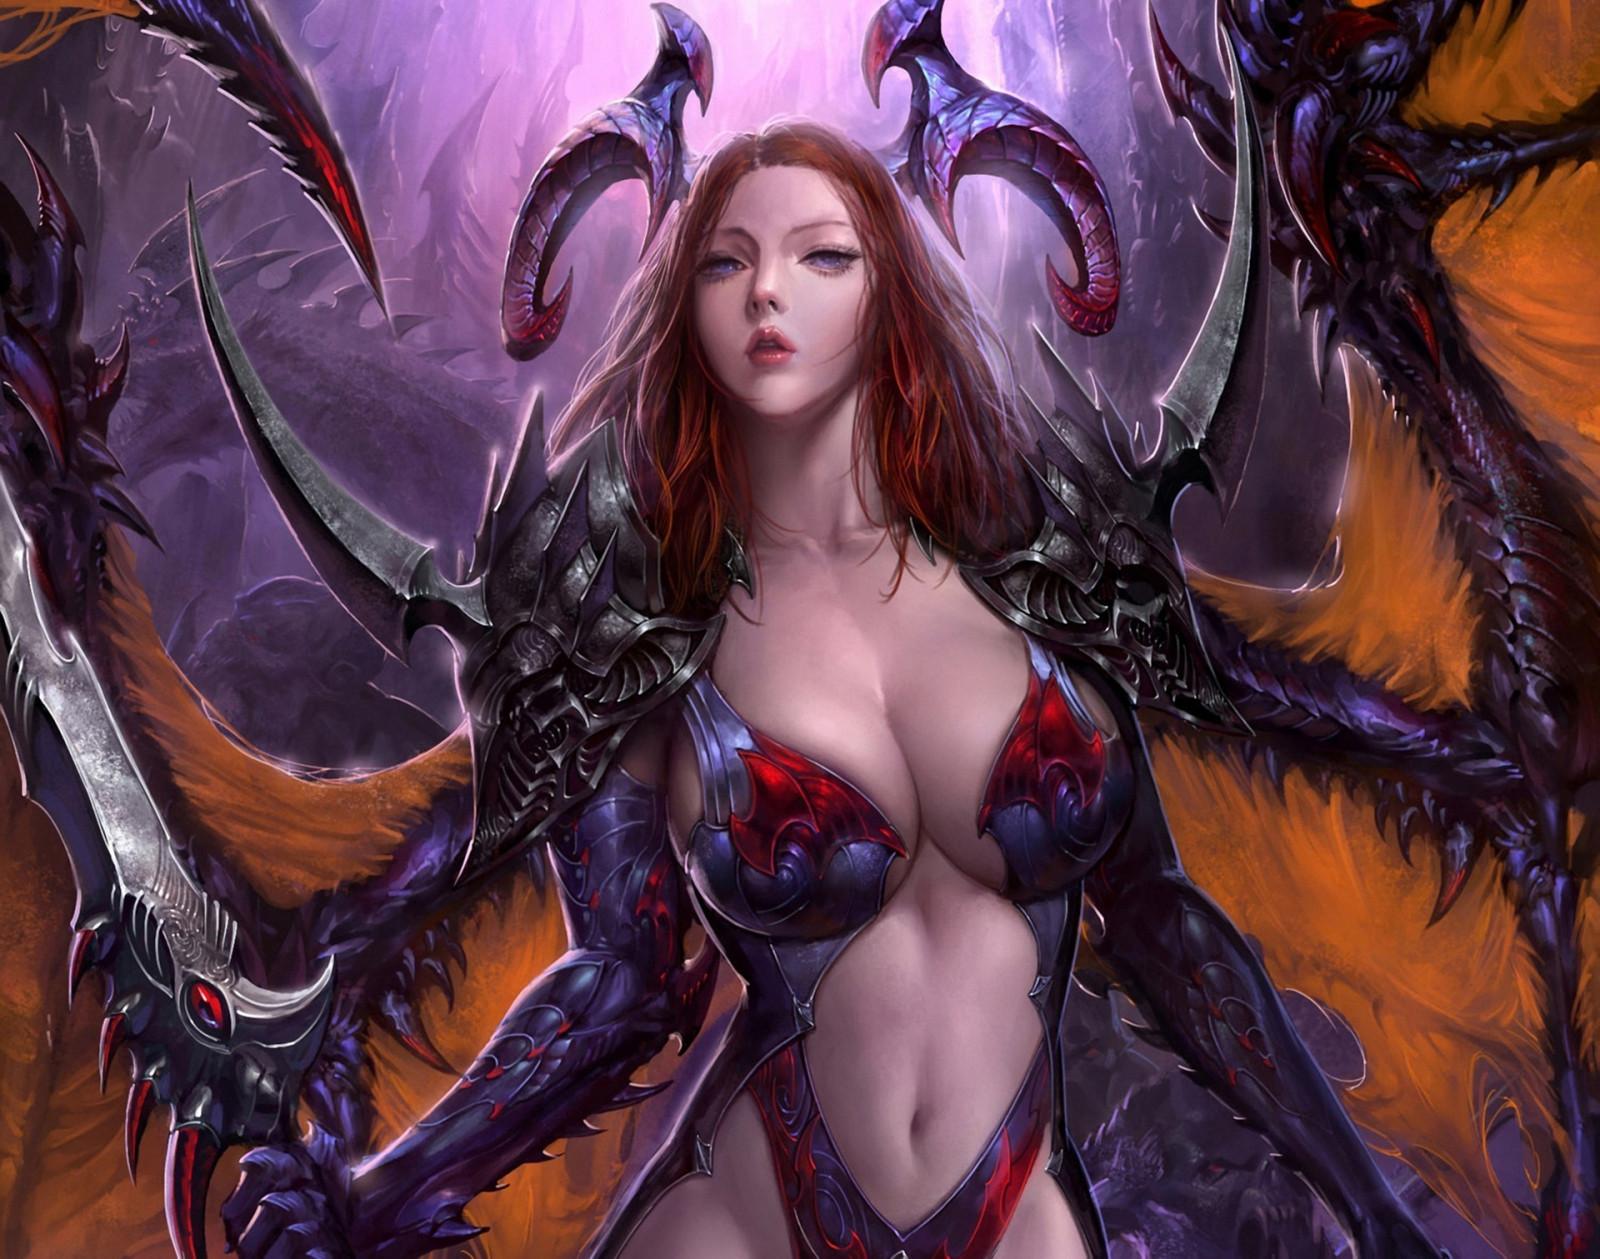 Demon girl boobs wallpaper nude tight slaves